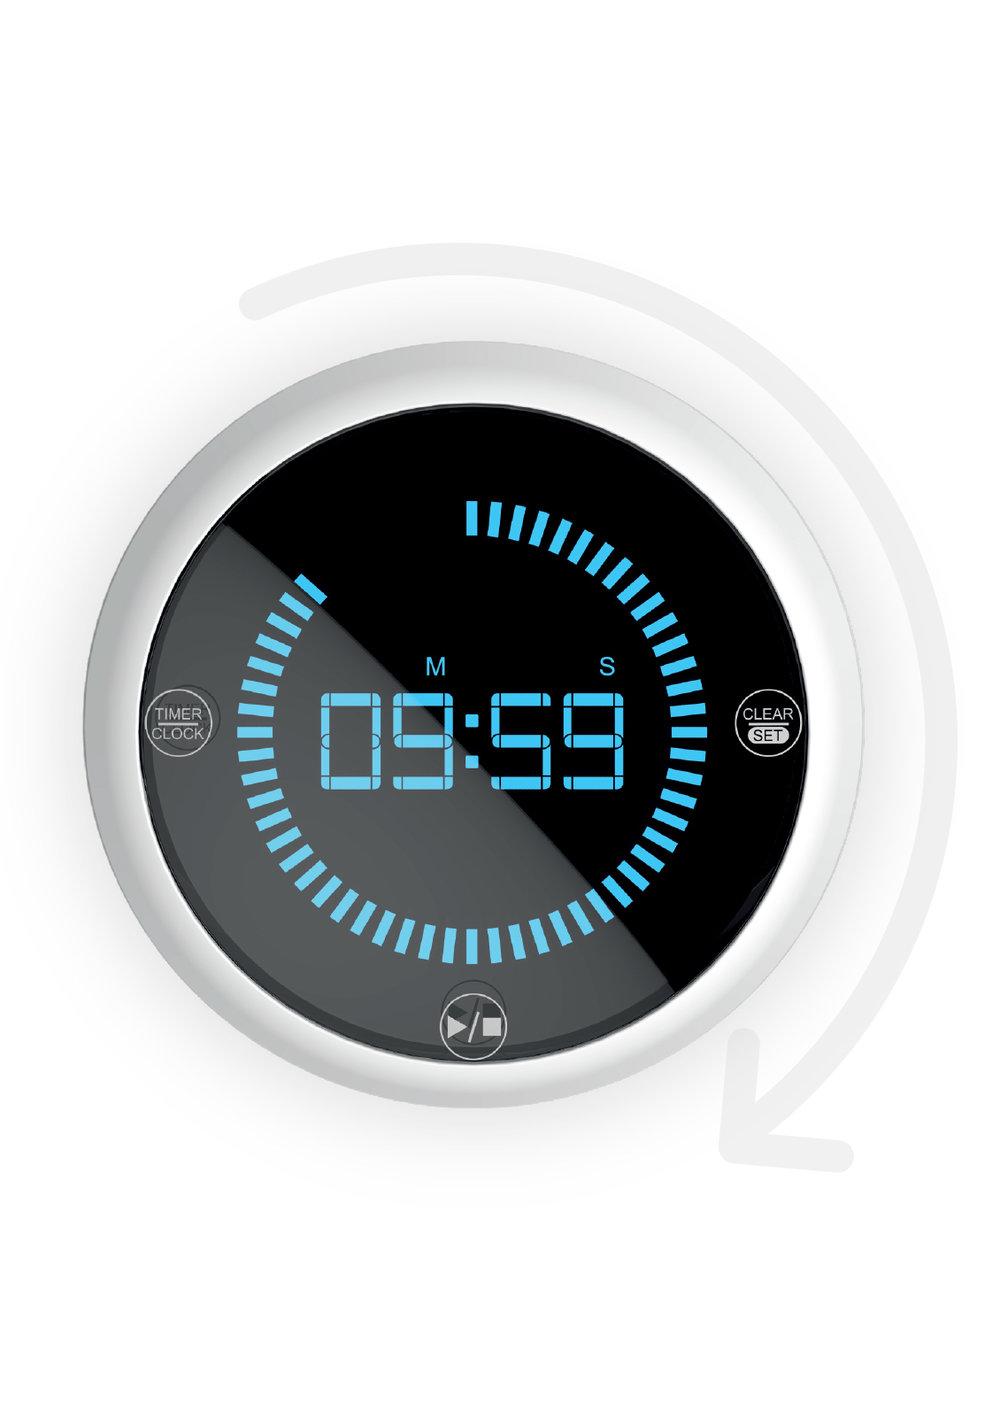 TIMER CURVE - • Minuteur rotatif• Touches sensitives• Design ergonomique• Base antiglisse et magnétique50026 CURVE Timer